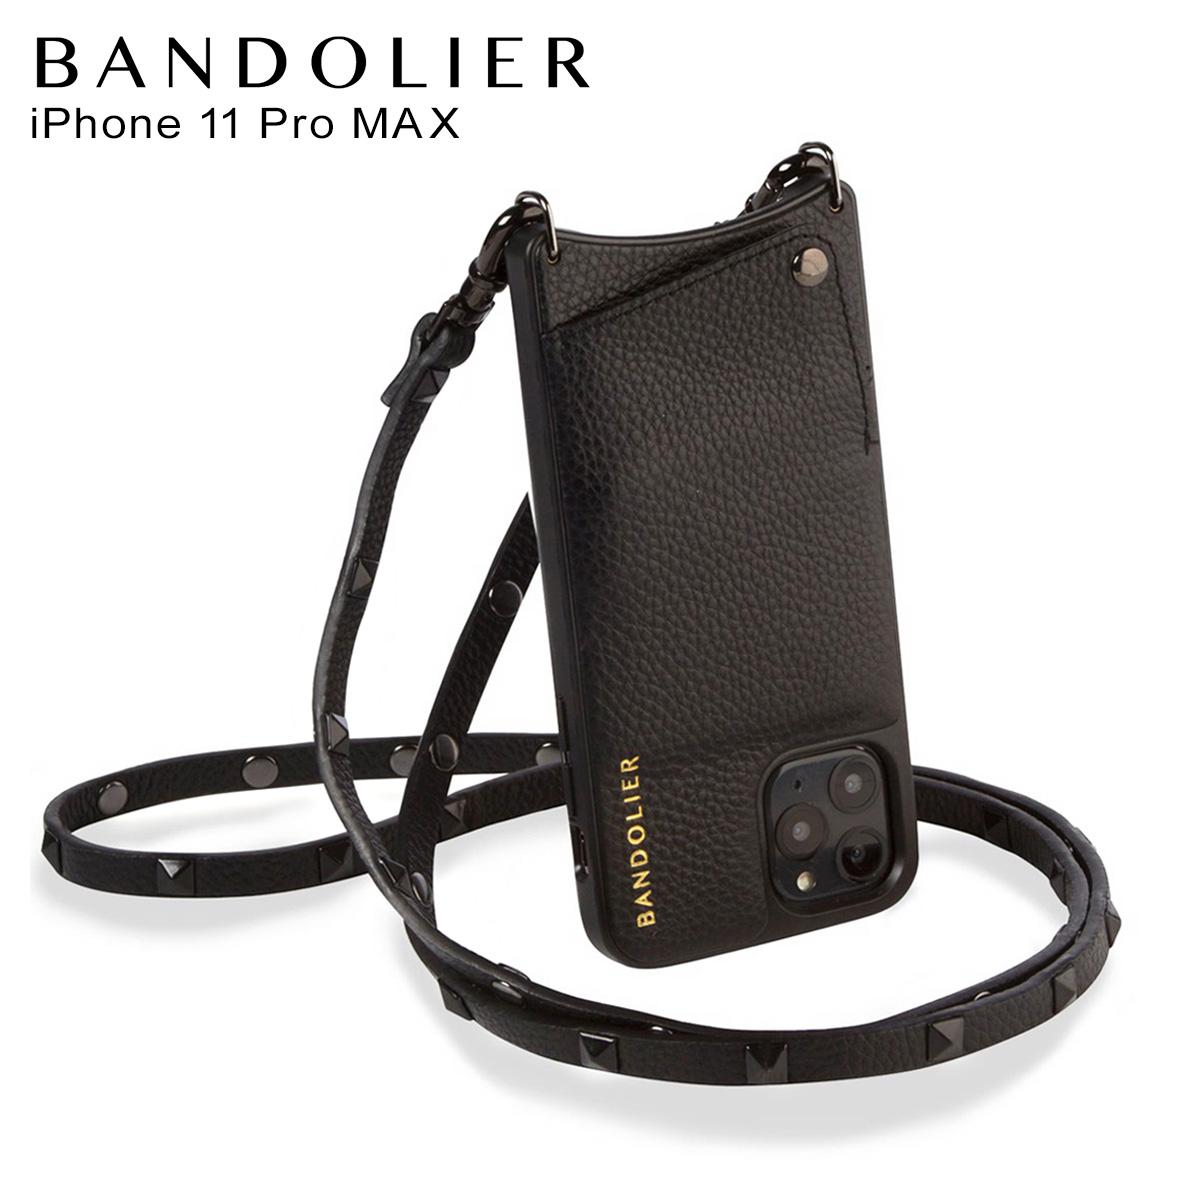 バンドリヤー BANDOLIER サラ ブラック iPhone11 Pro MAX ケース スマホ 携帯 ショルダー アイフォン メンズ レディース SARAH BLACK ブラック 黒 2300